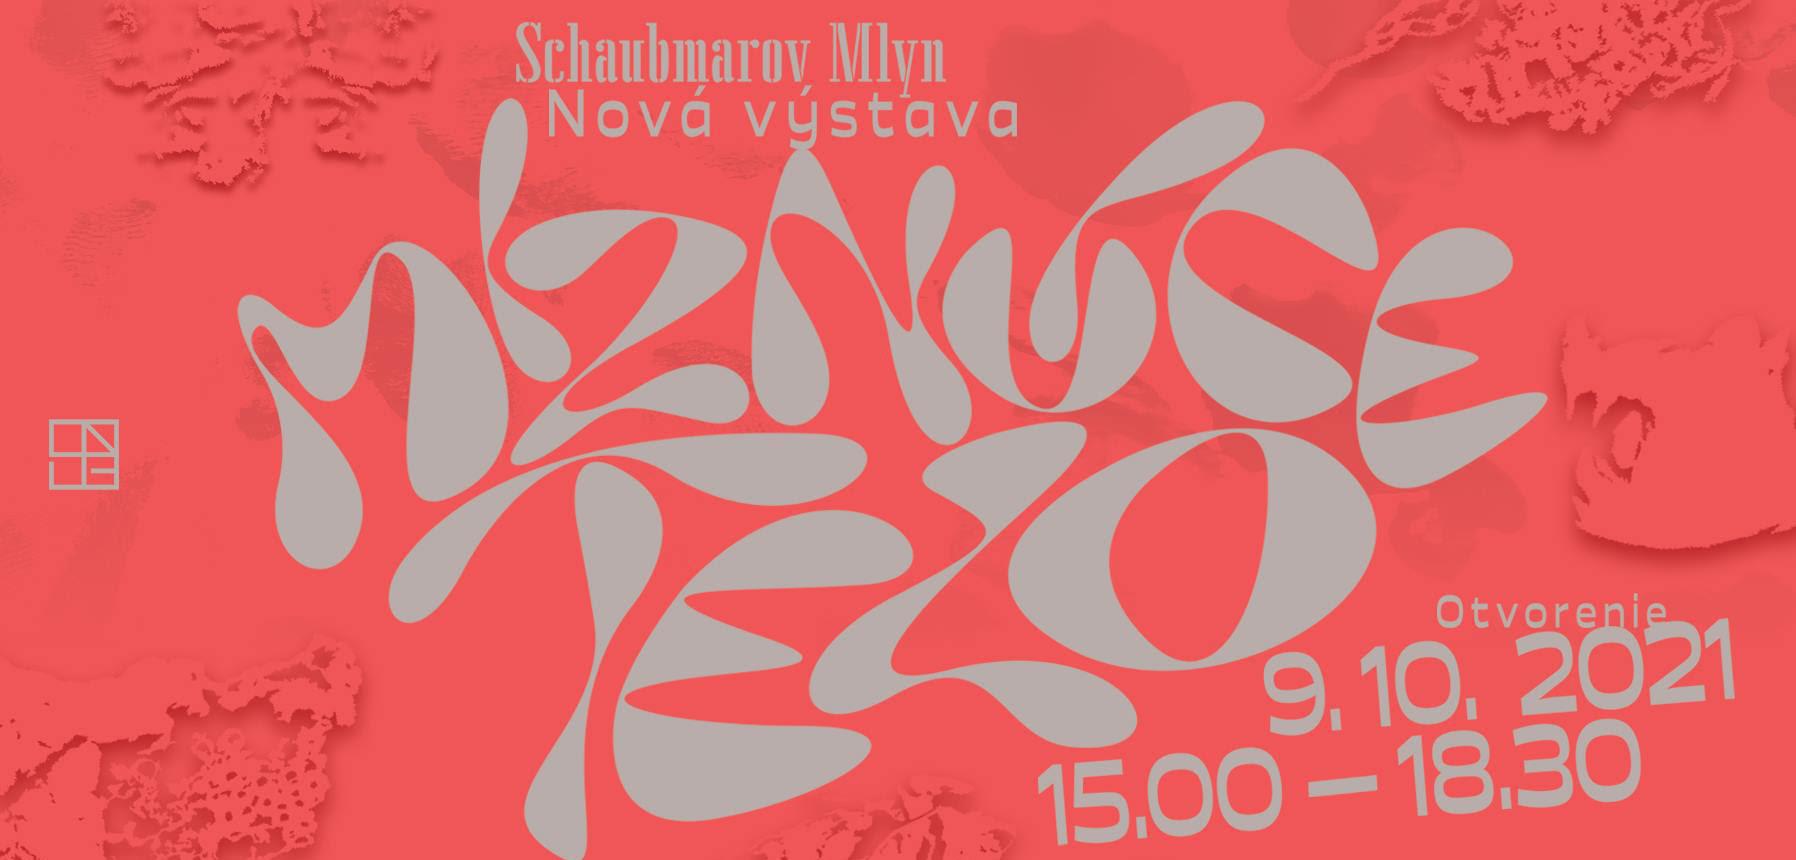 Nová výstava v Schaubmarovom mlyne - Miznúce telo, 9.10.2021 od 15:00